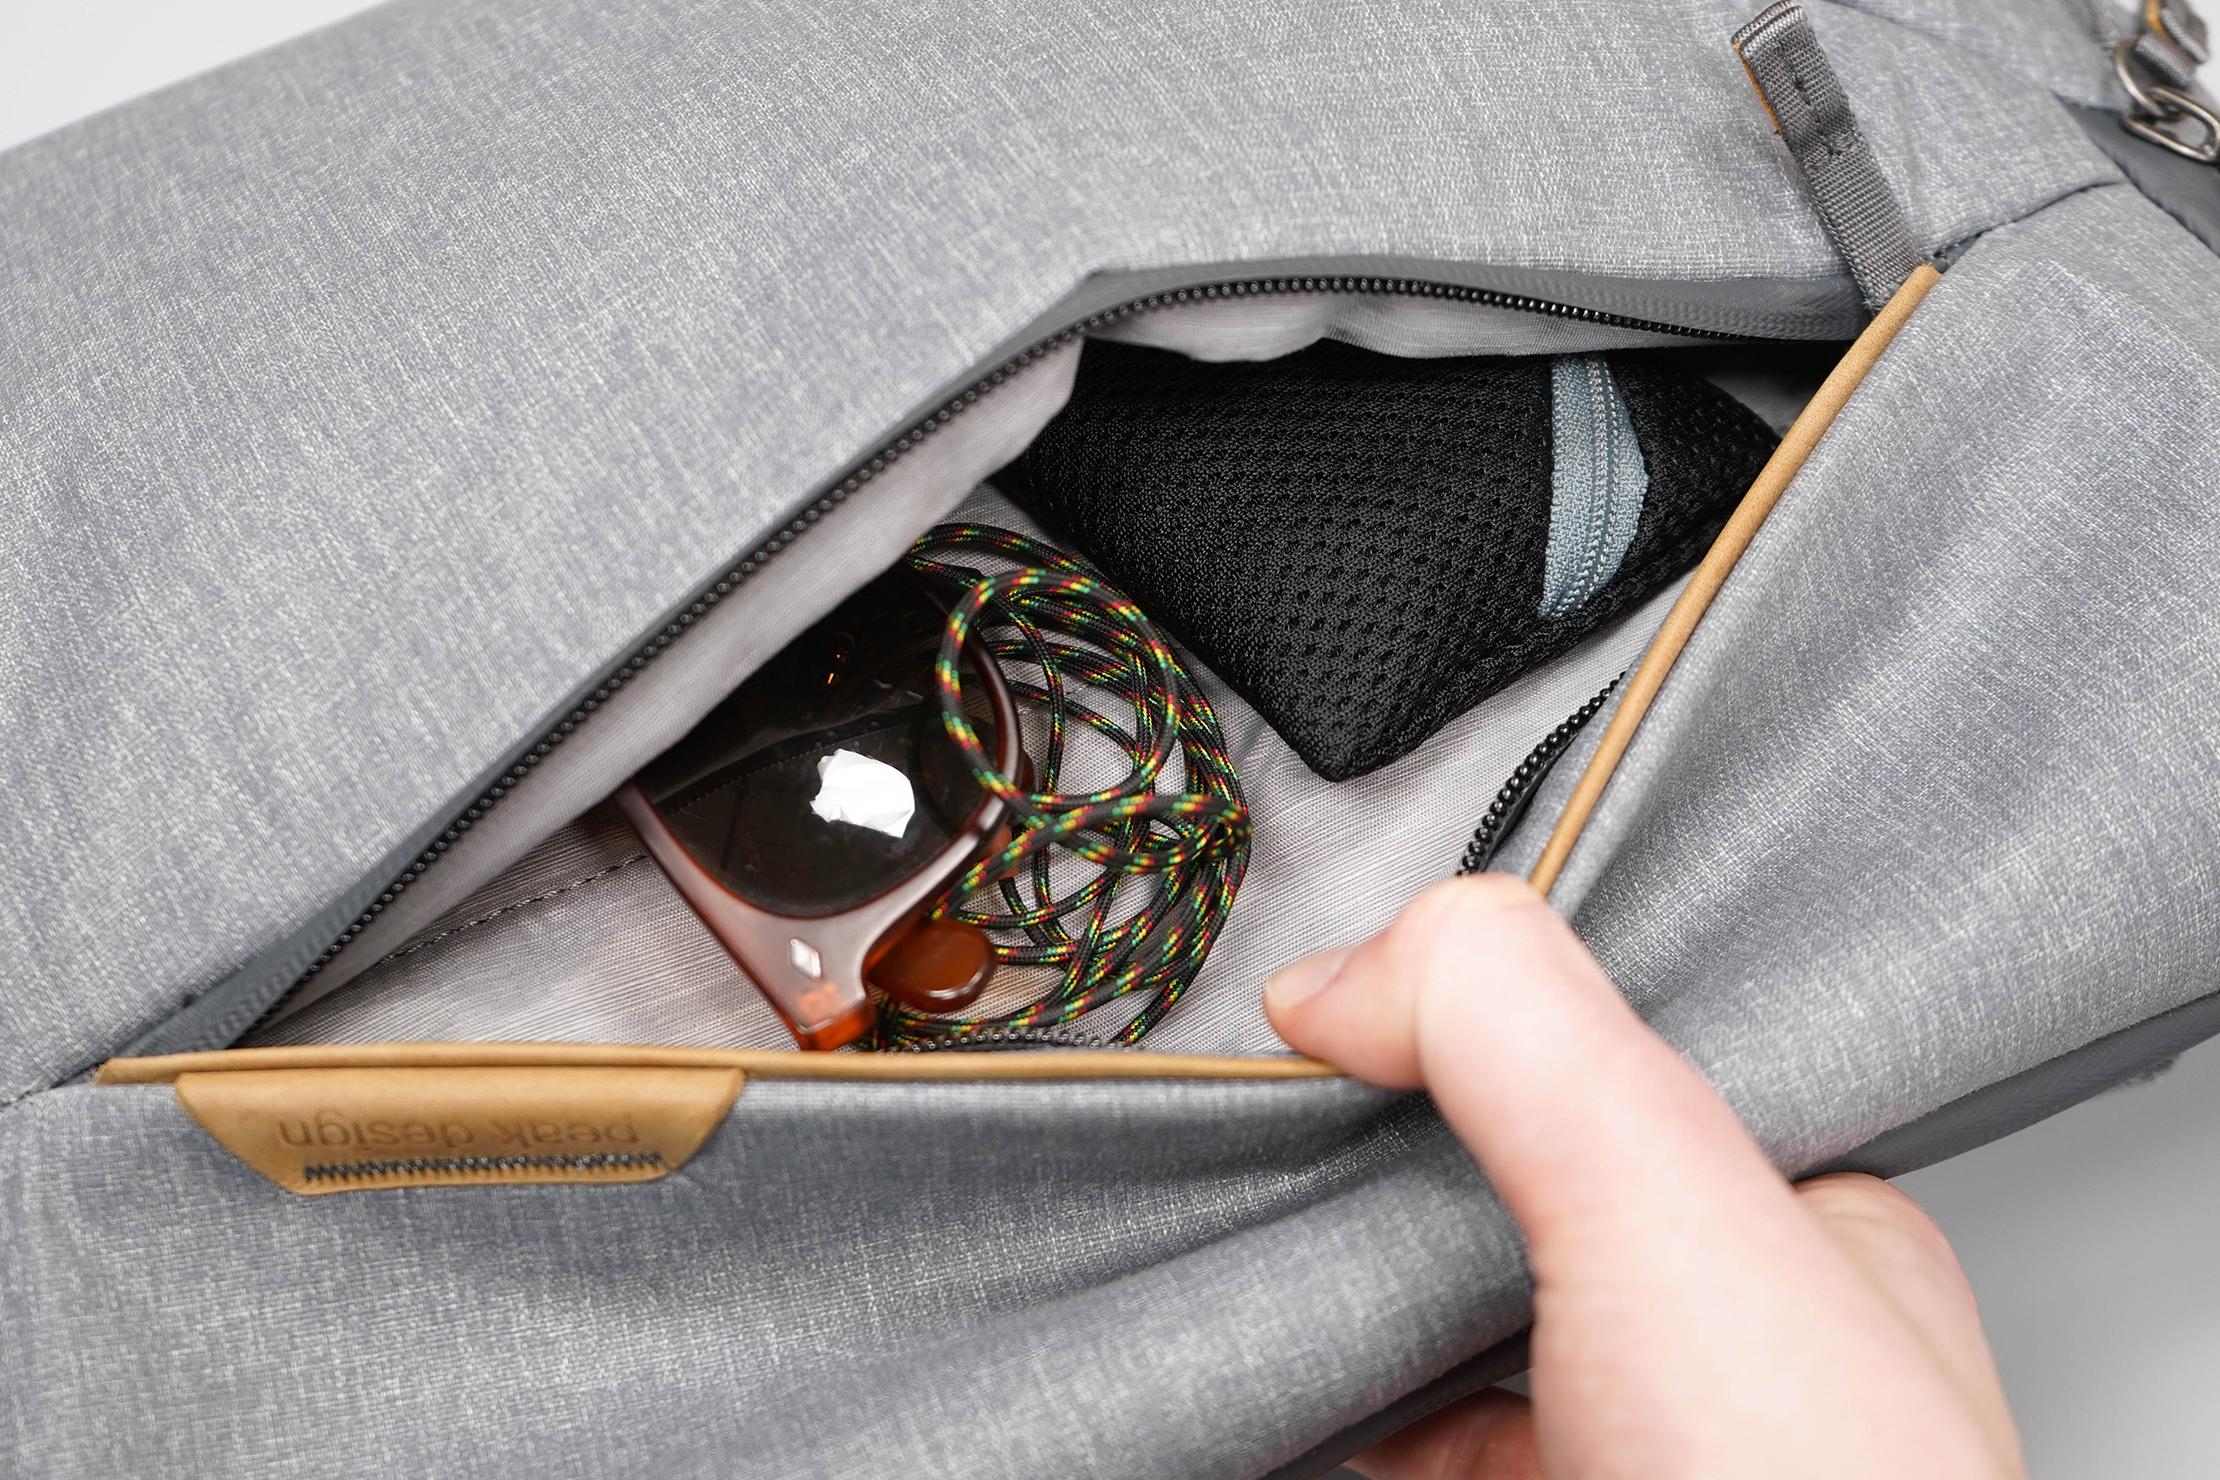 Peak Design Everyday Sling 10L V2 Front Pocket